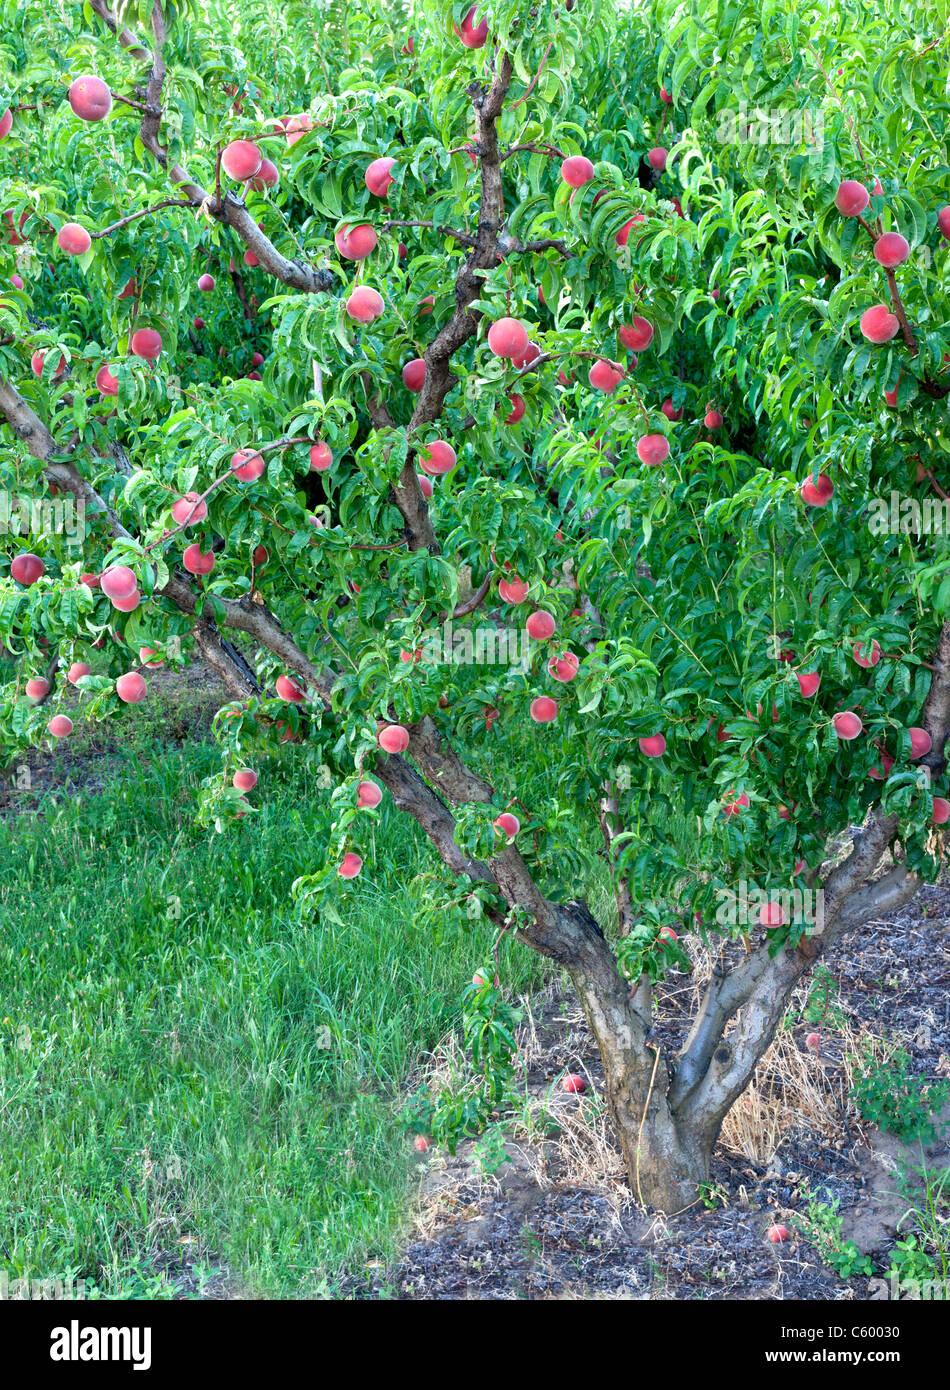 Pfirsichbaum Früchte 'White Lady', Stockbild